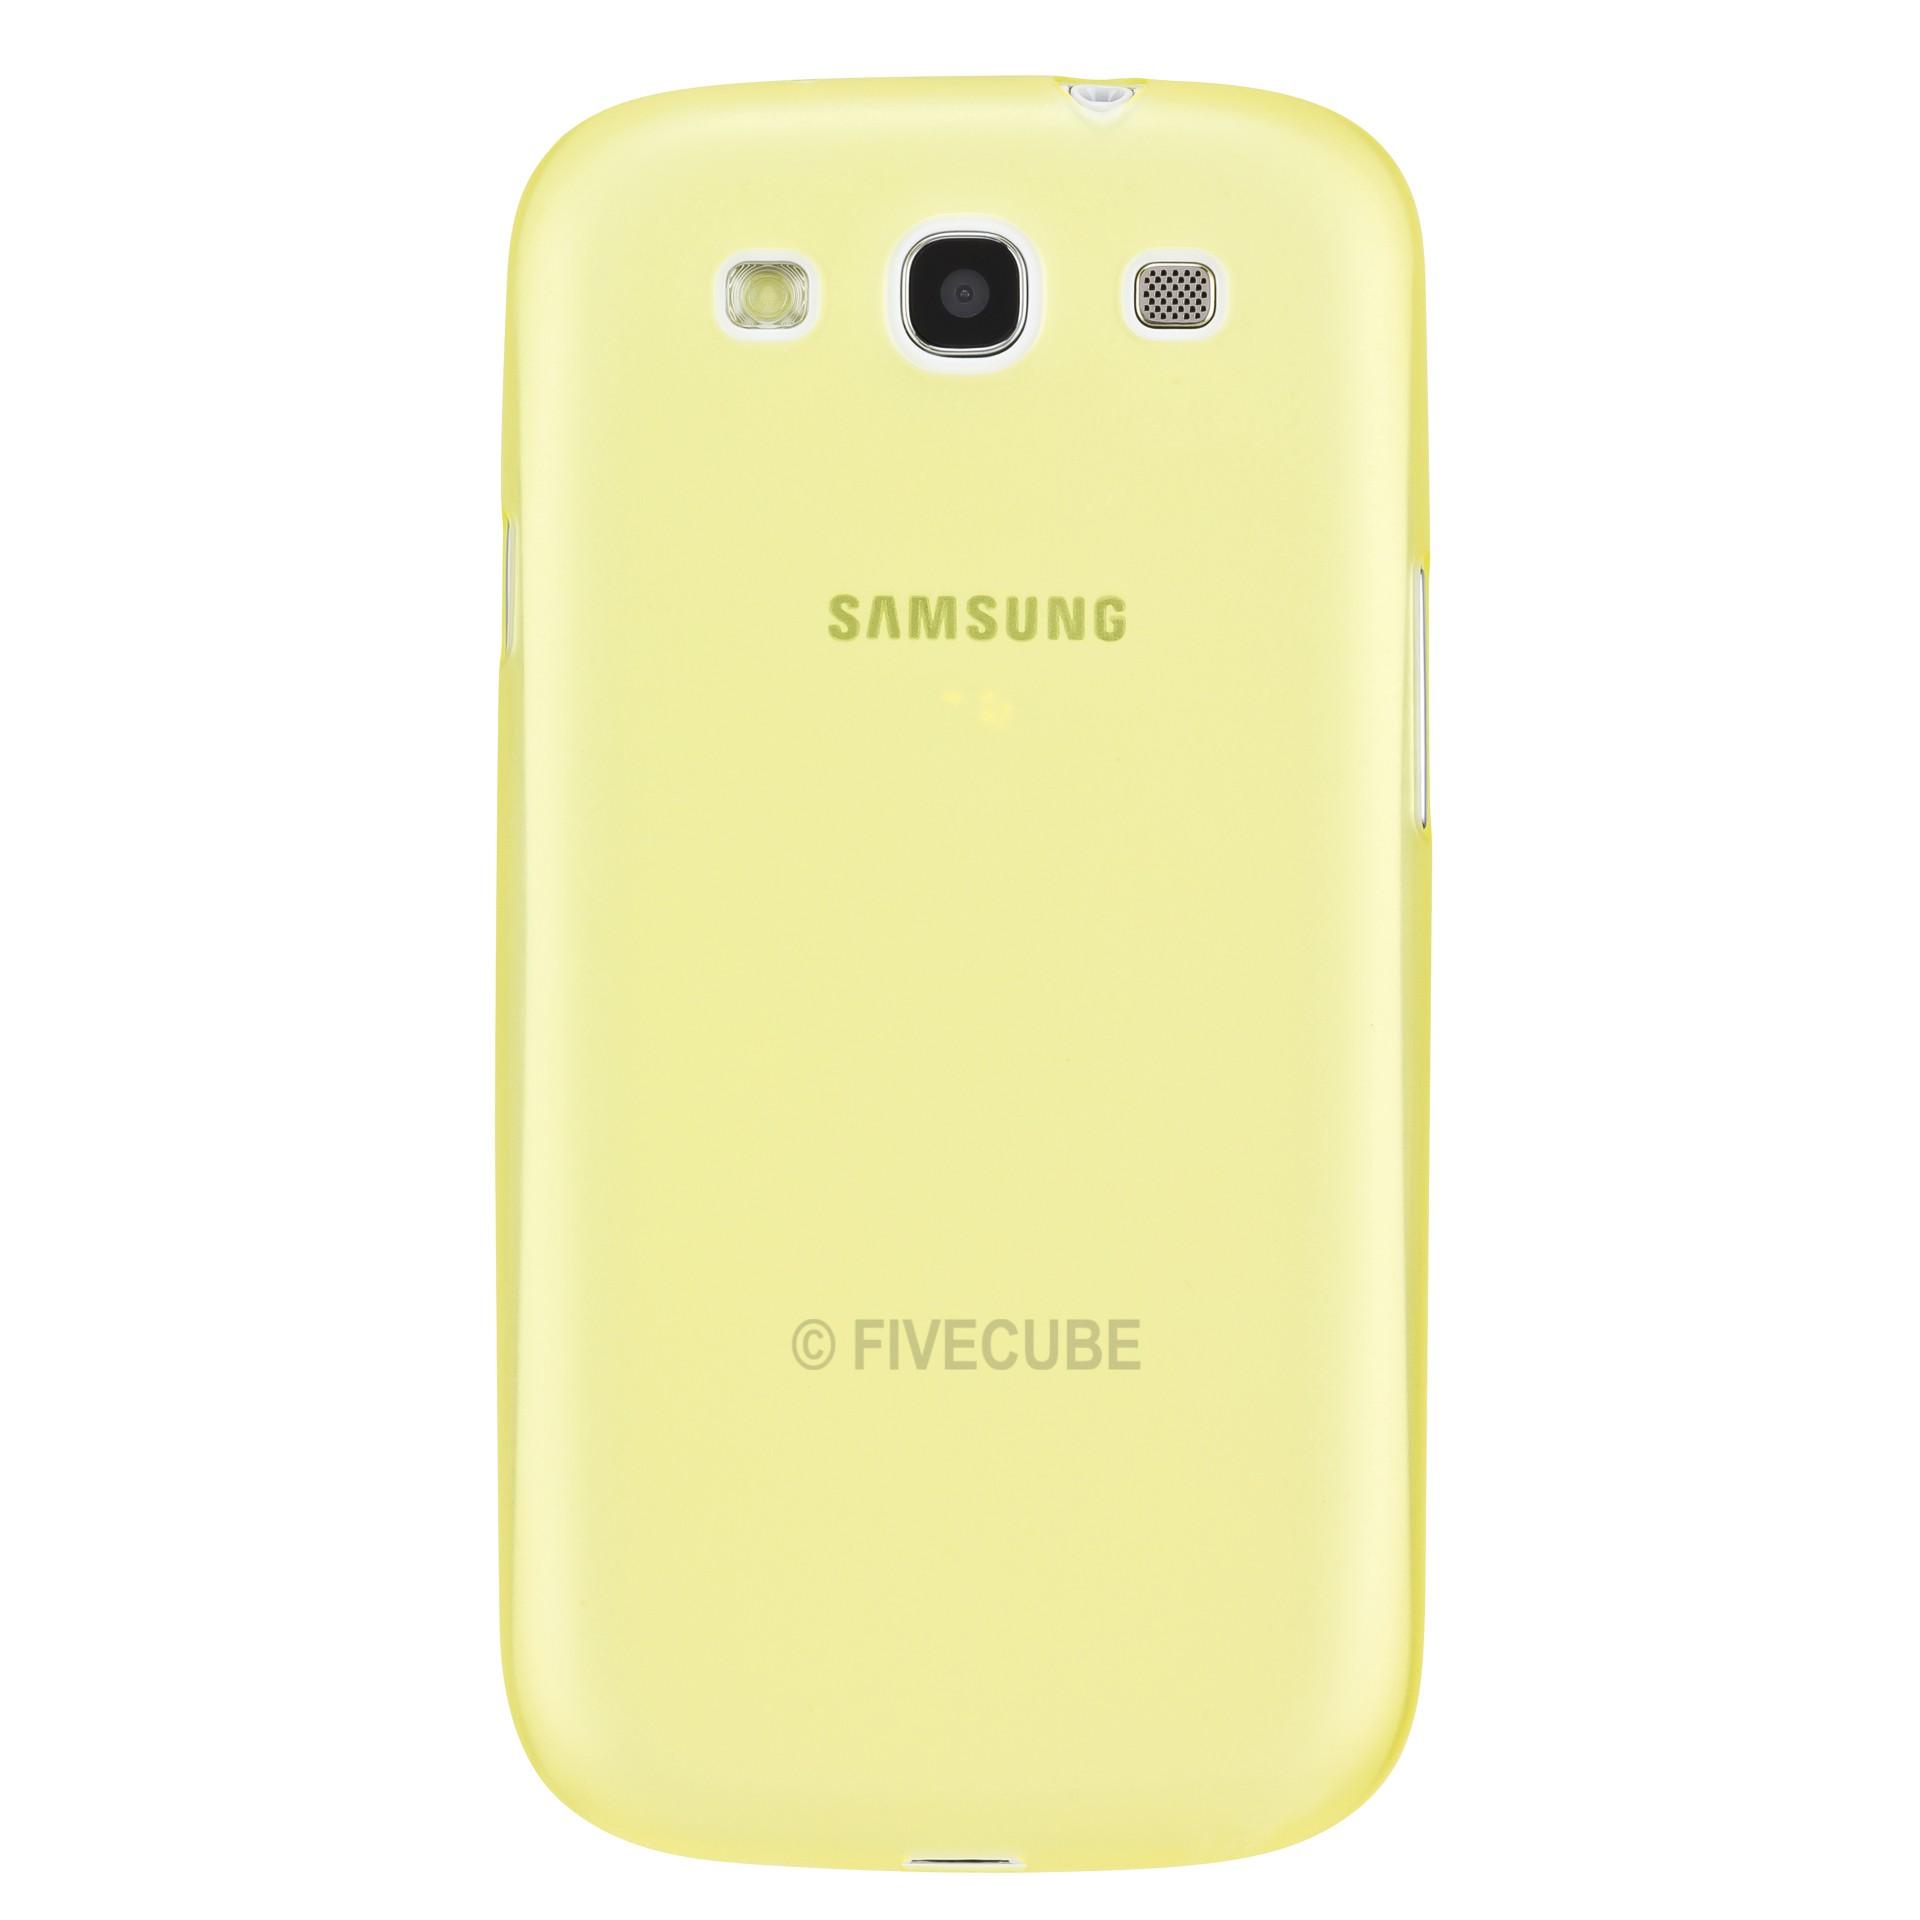 Yemota Pro Slimcase für Samsung Galaxy S3 - Gelb